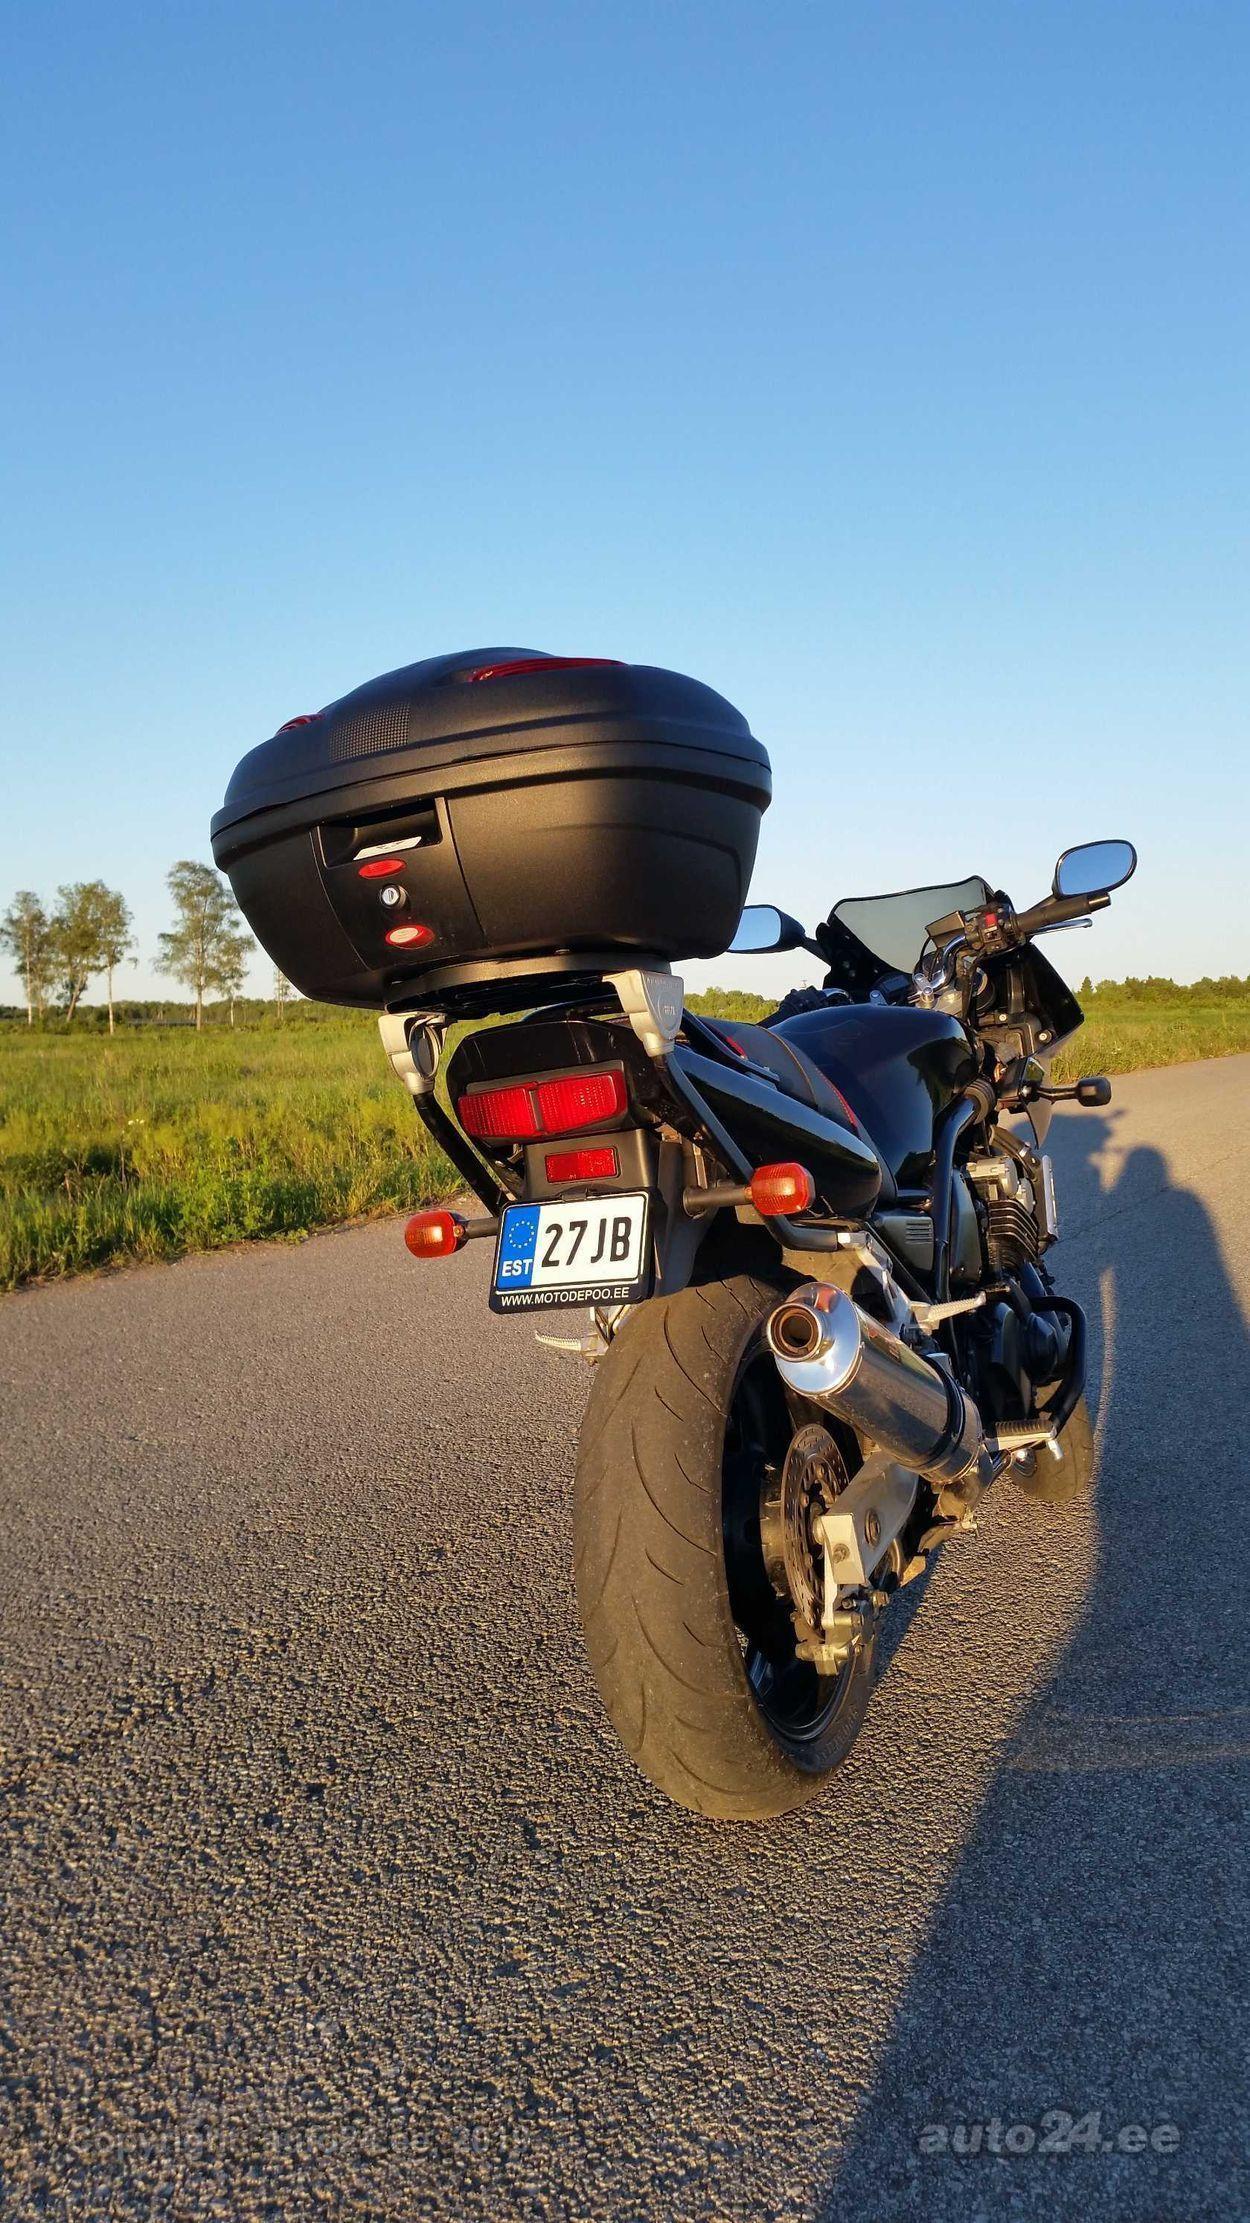 Yamaha FZS 600 Fazer 70kW